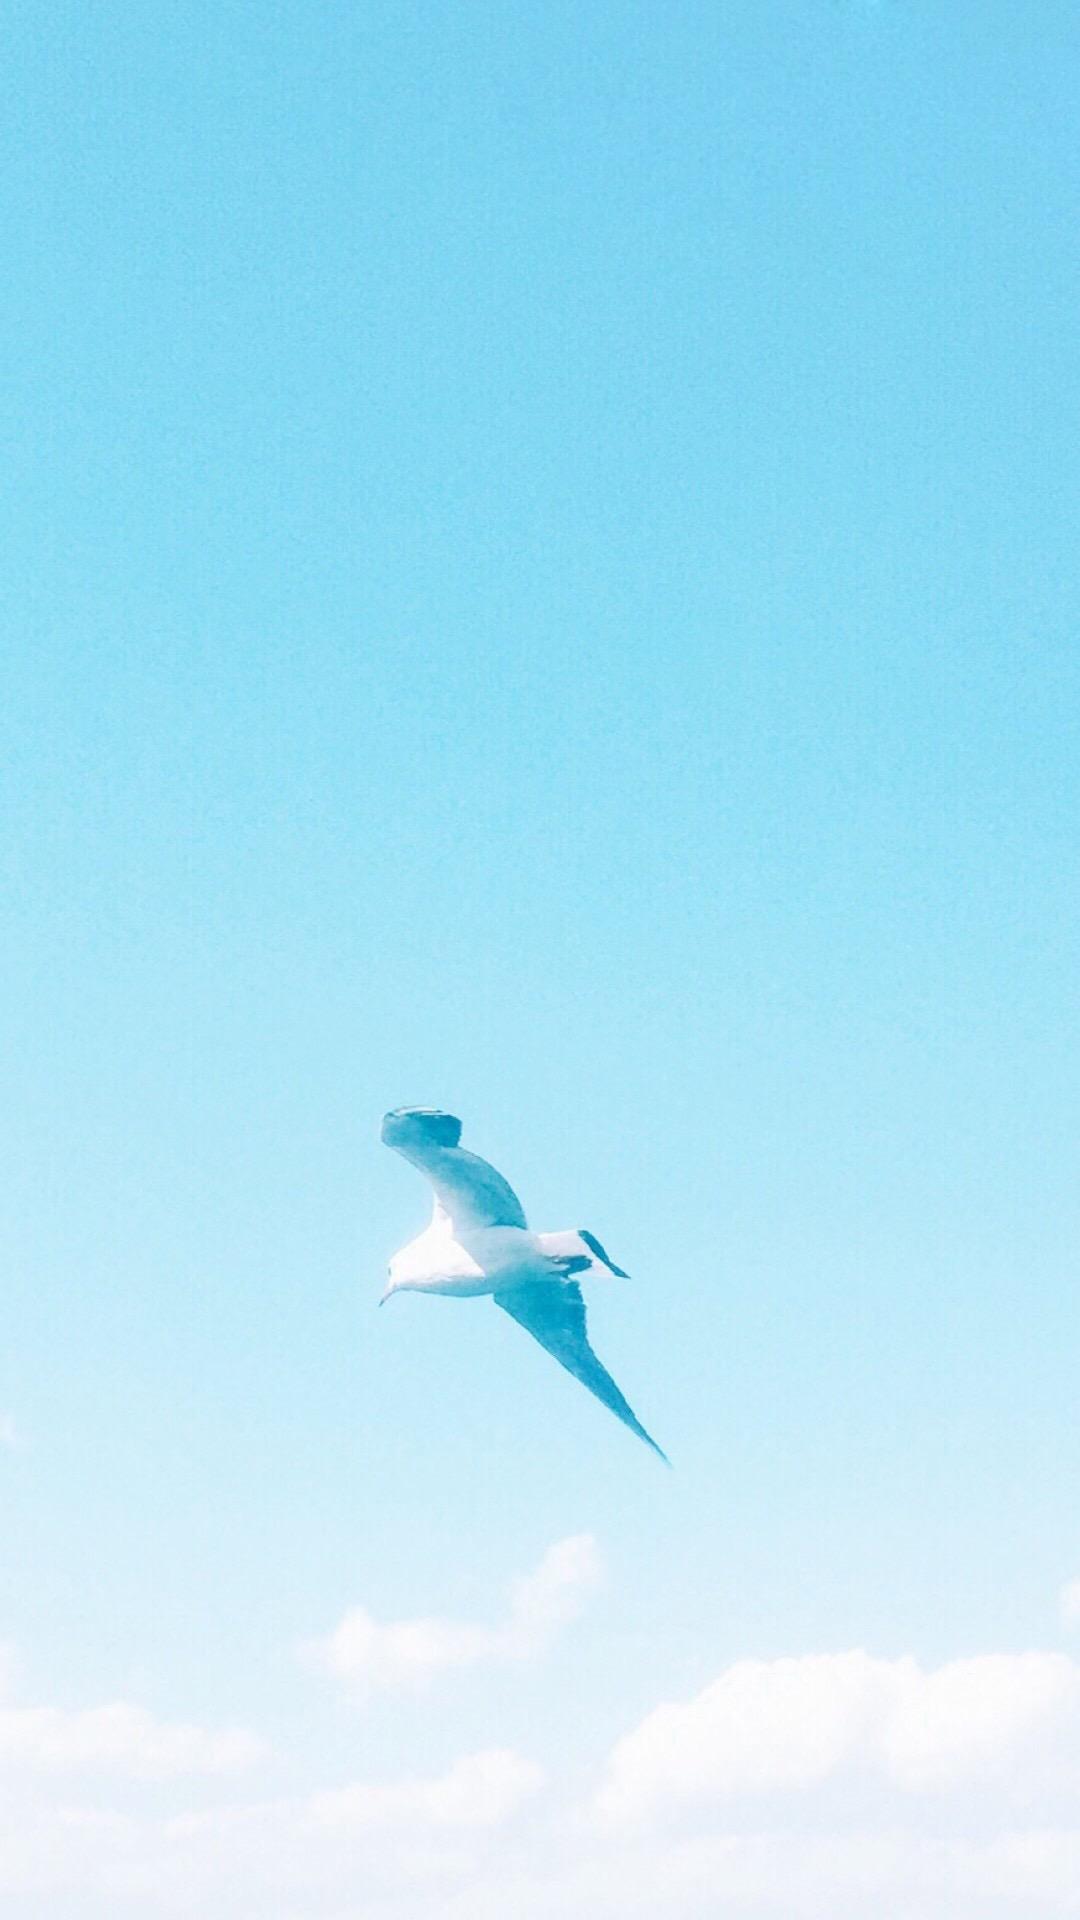 夏日海岛风情唯美风景图片手机壁纸